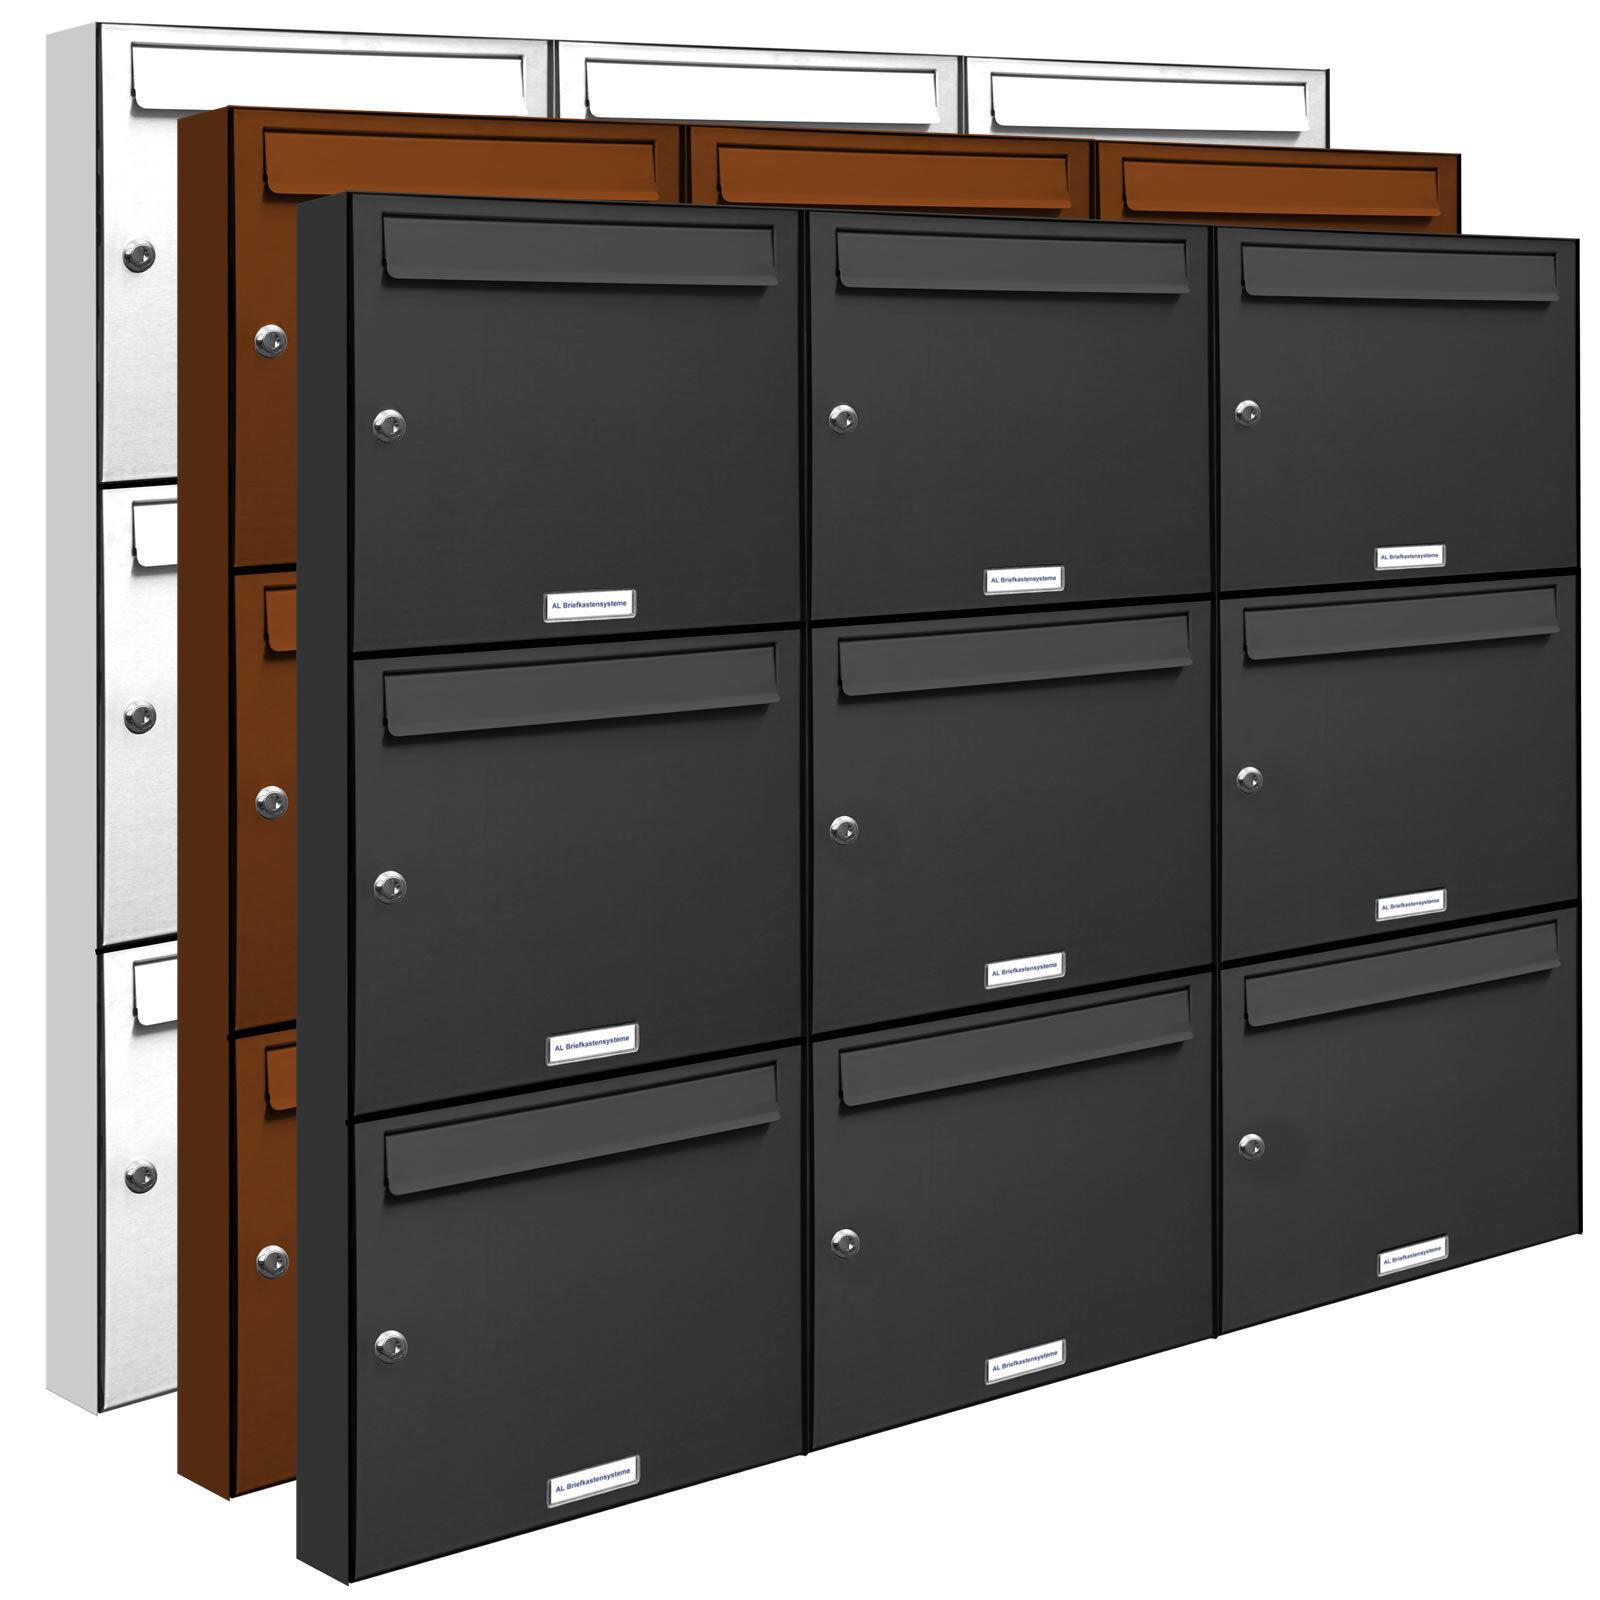 9 er 3x3 Briefkasten Anlage Aufputz - Wandmontage RAL Farbe